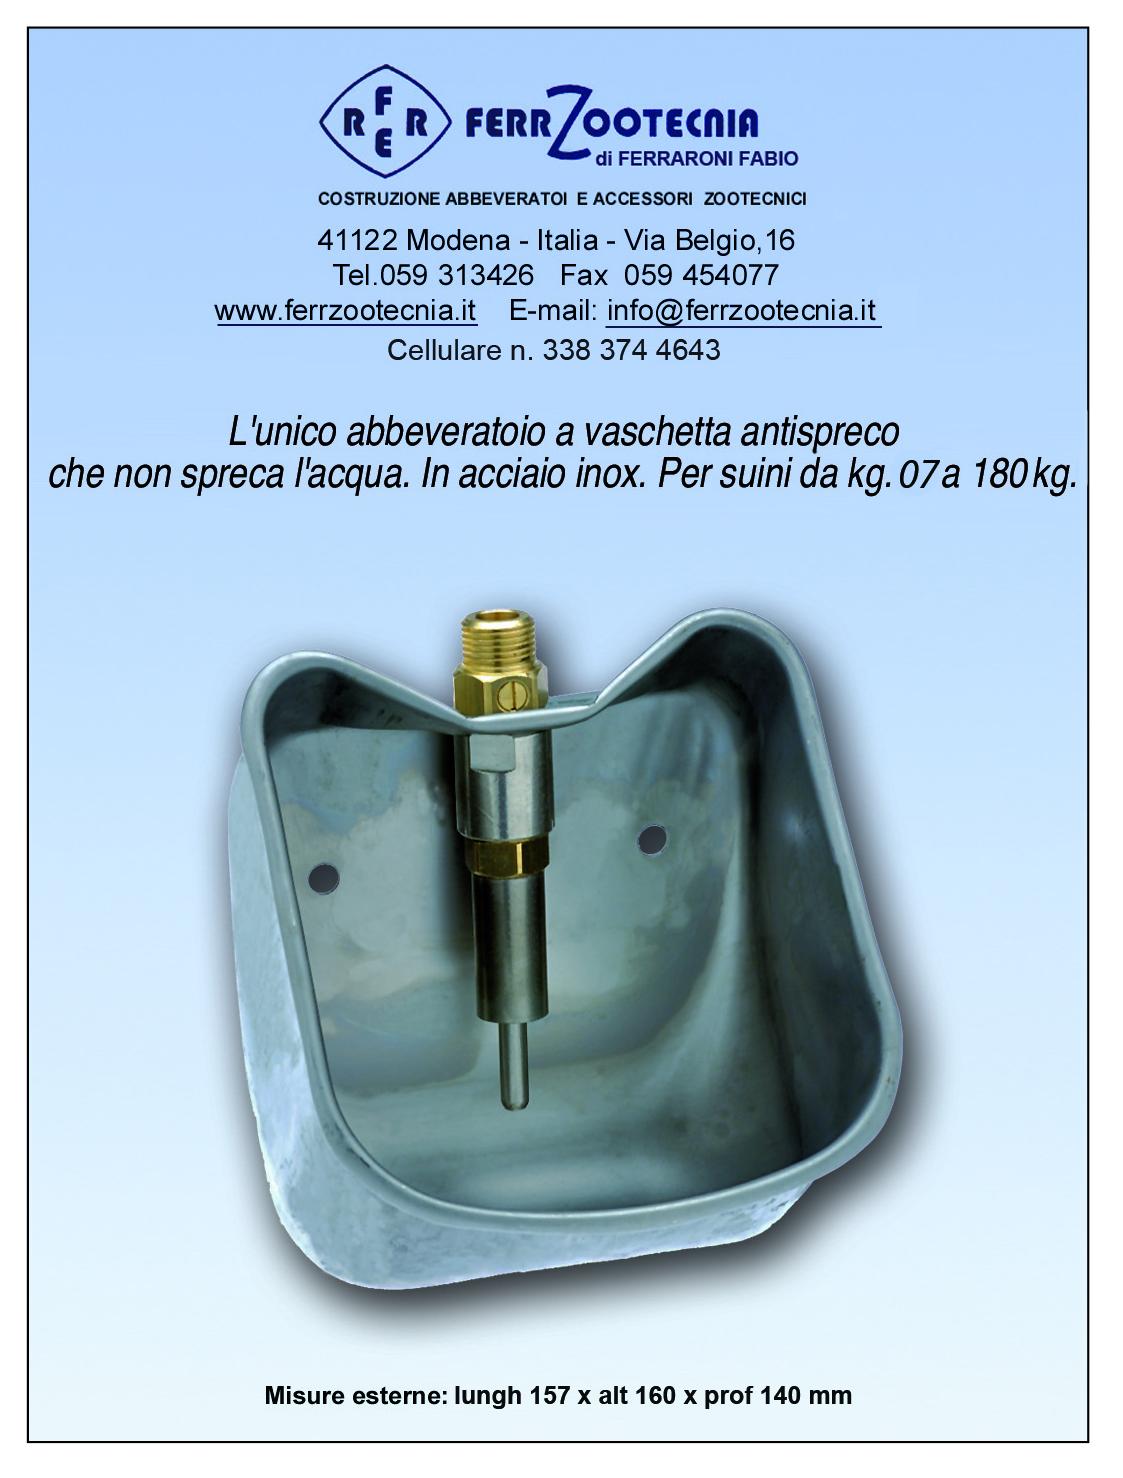 Abbeveratoio inox a vaschetta antispreco per suini da kg. 07 fino kg. 180 – codice 139